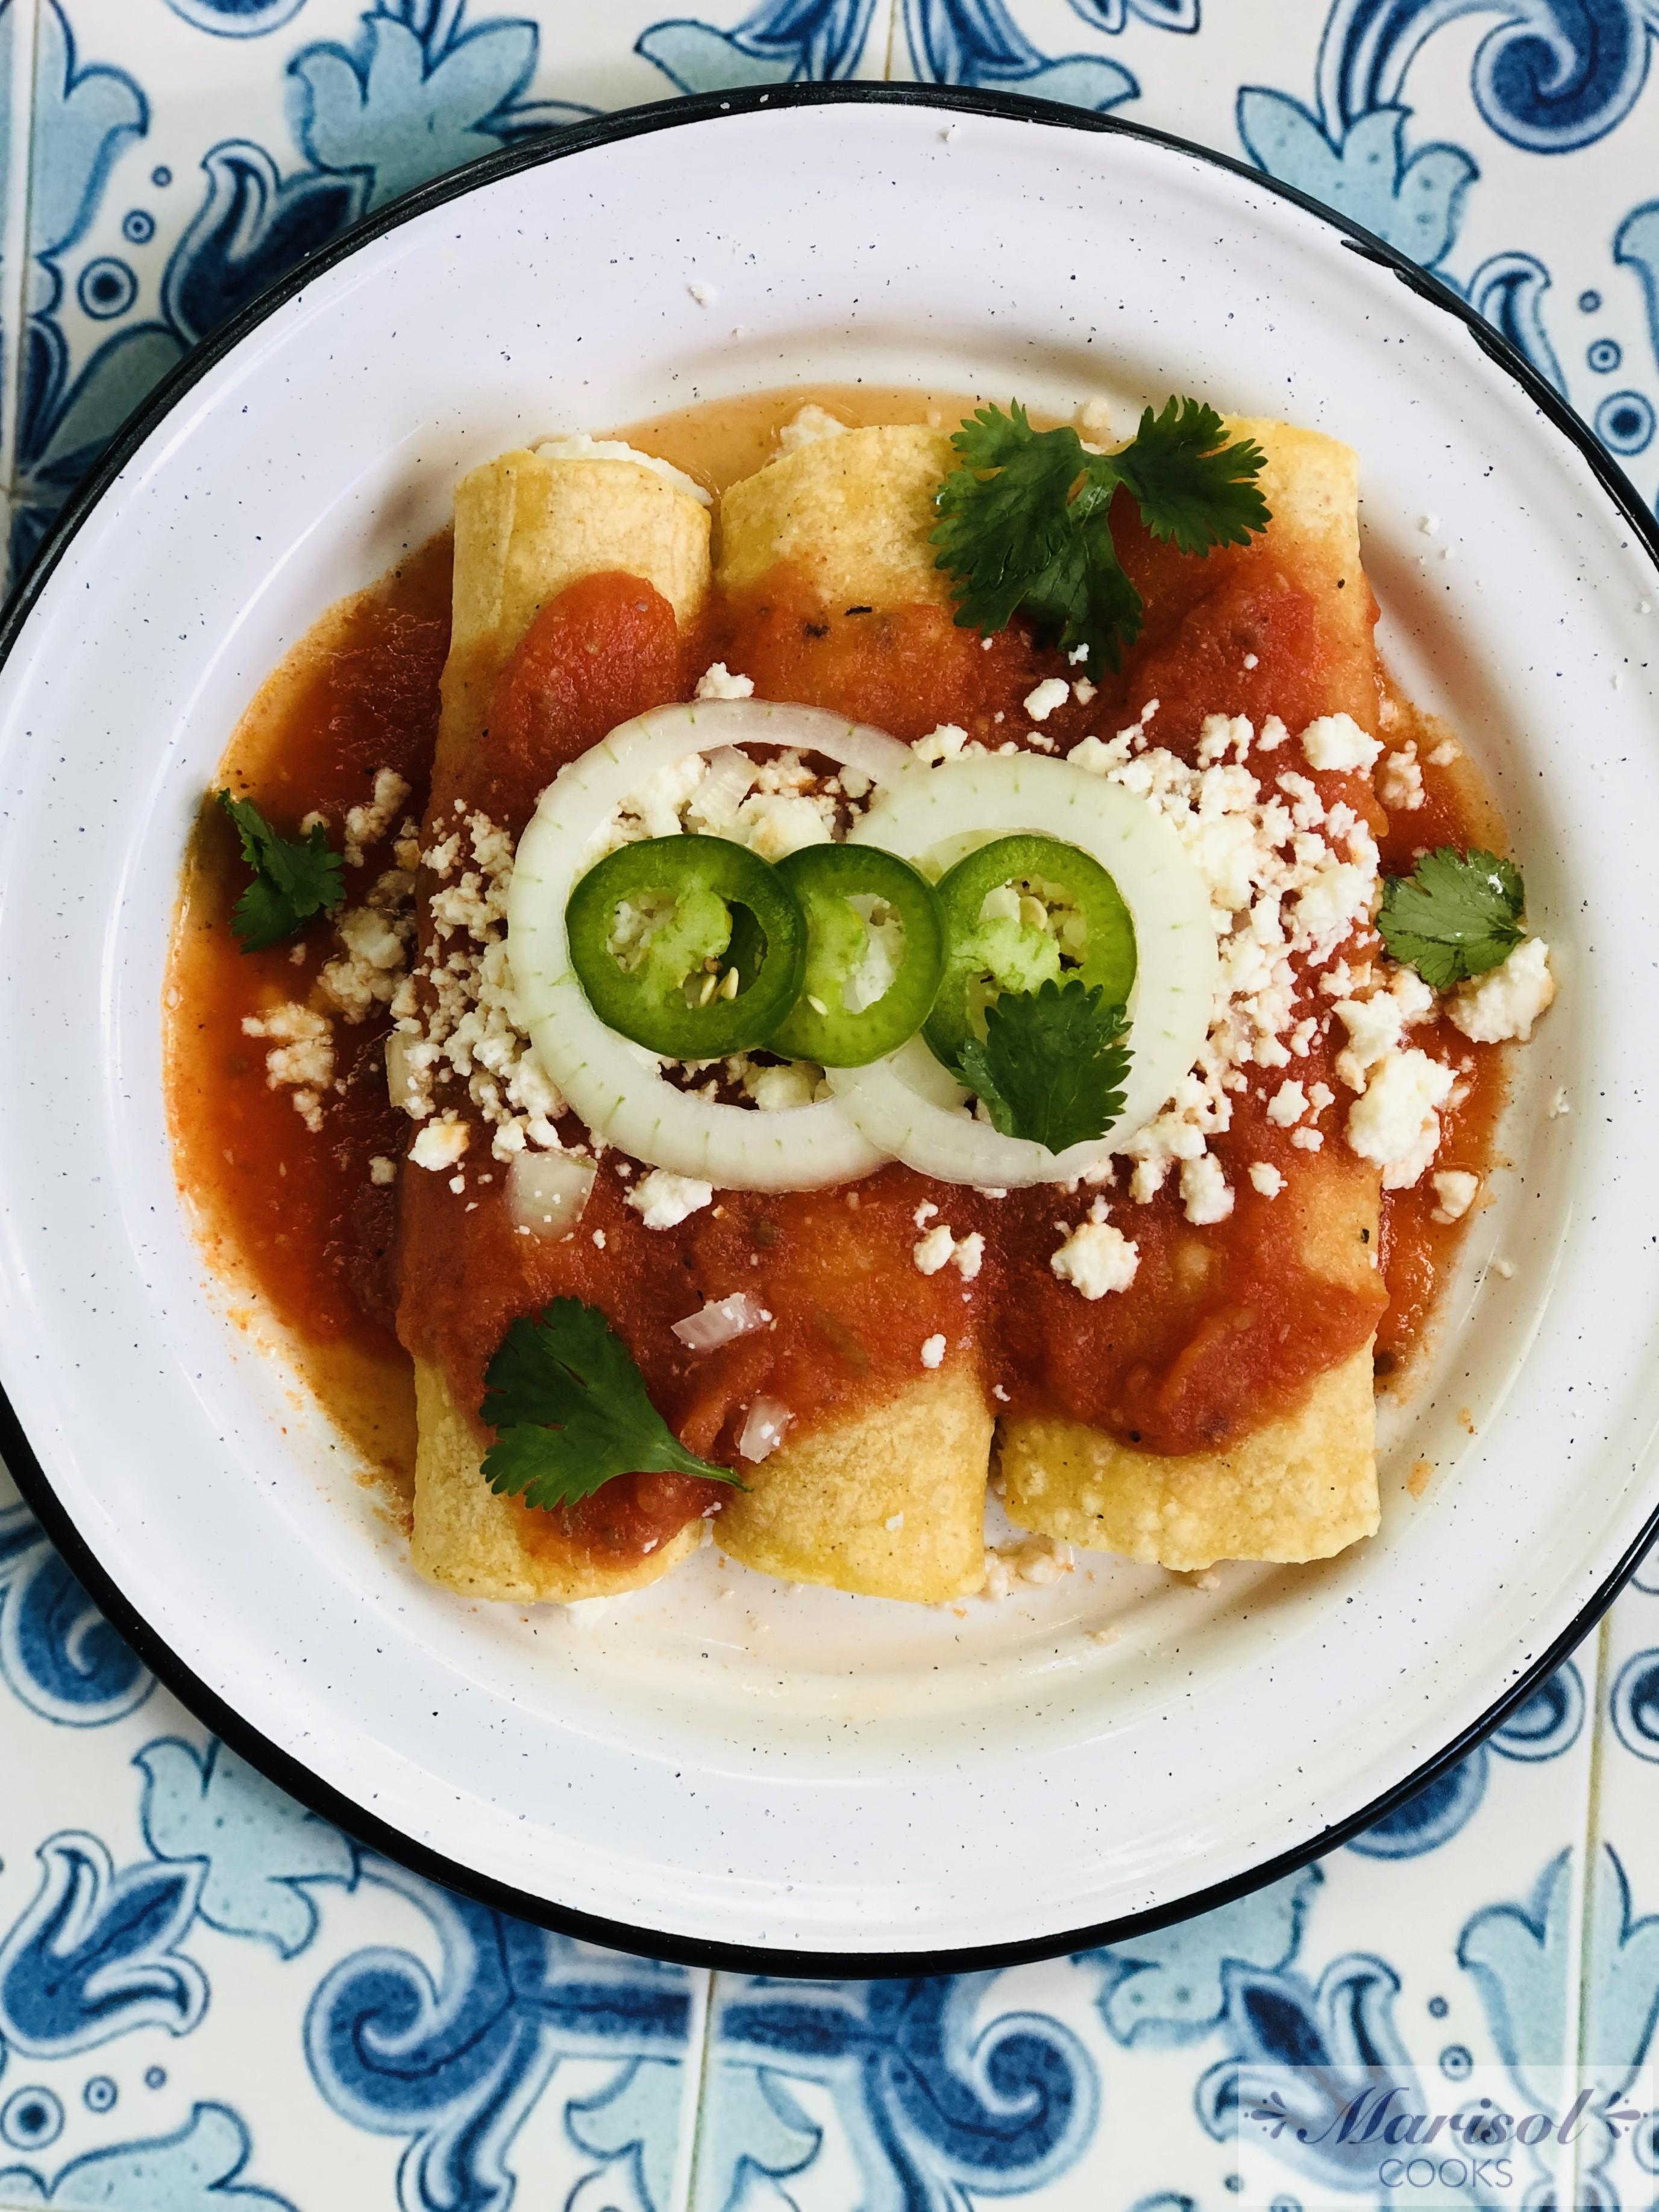 Entomatadas de Queso (Queso fresco Enchiladas in Tomato sauce)